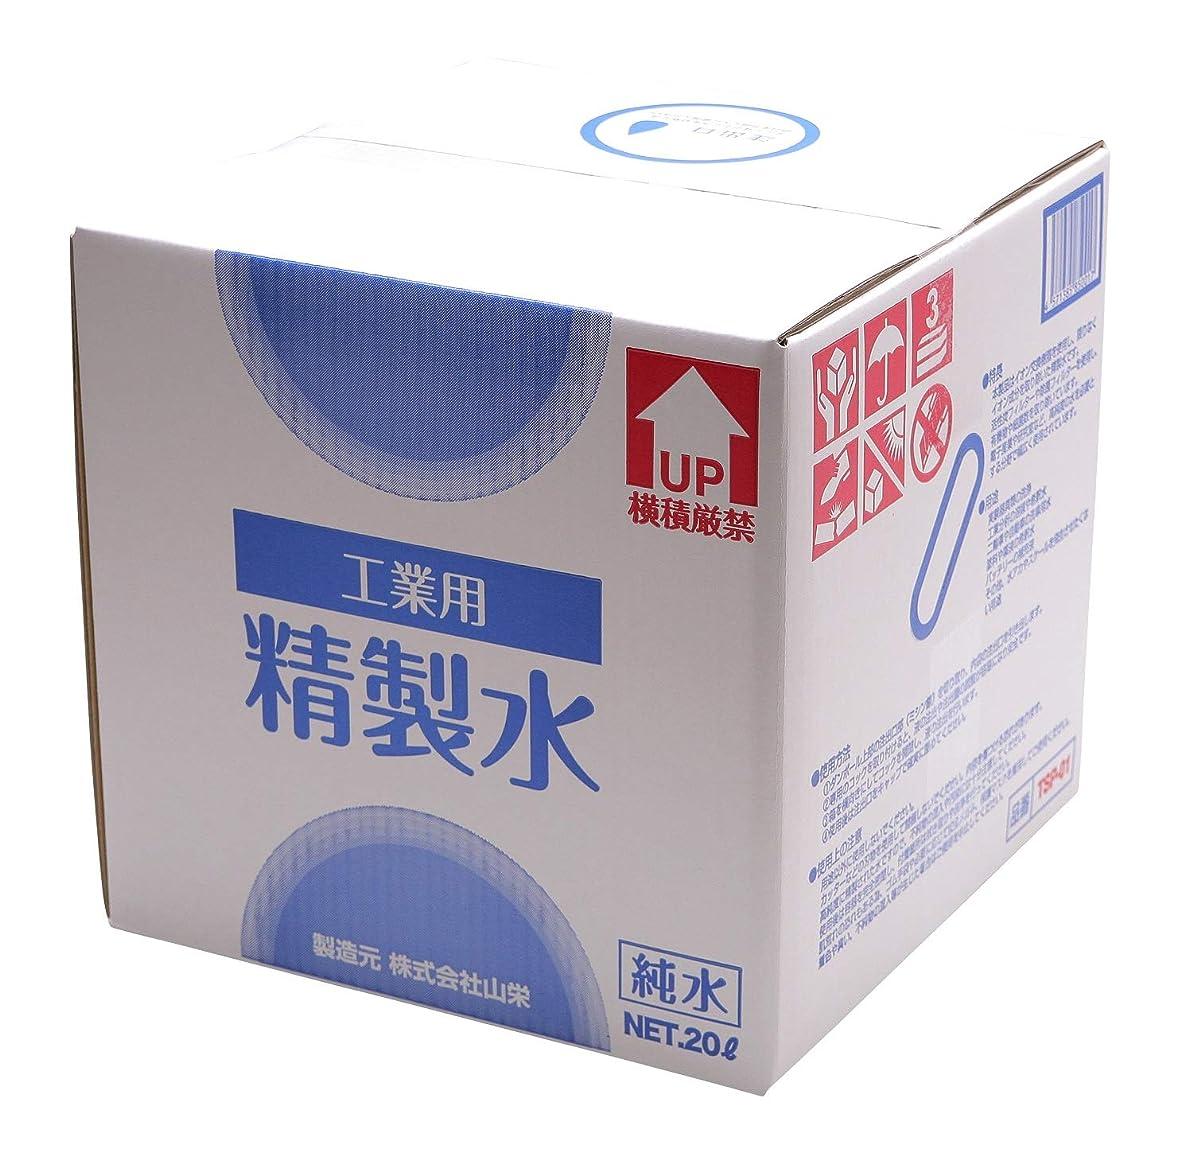 おじさん誰形容詞サンエイ化学 工業用精製水 純水 20L×5箱 コックなし 【スチーマー 加湿器 オートクレーブ エステ 美容 歯科】